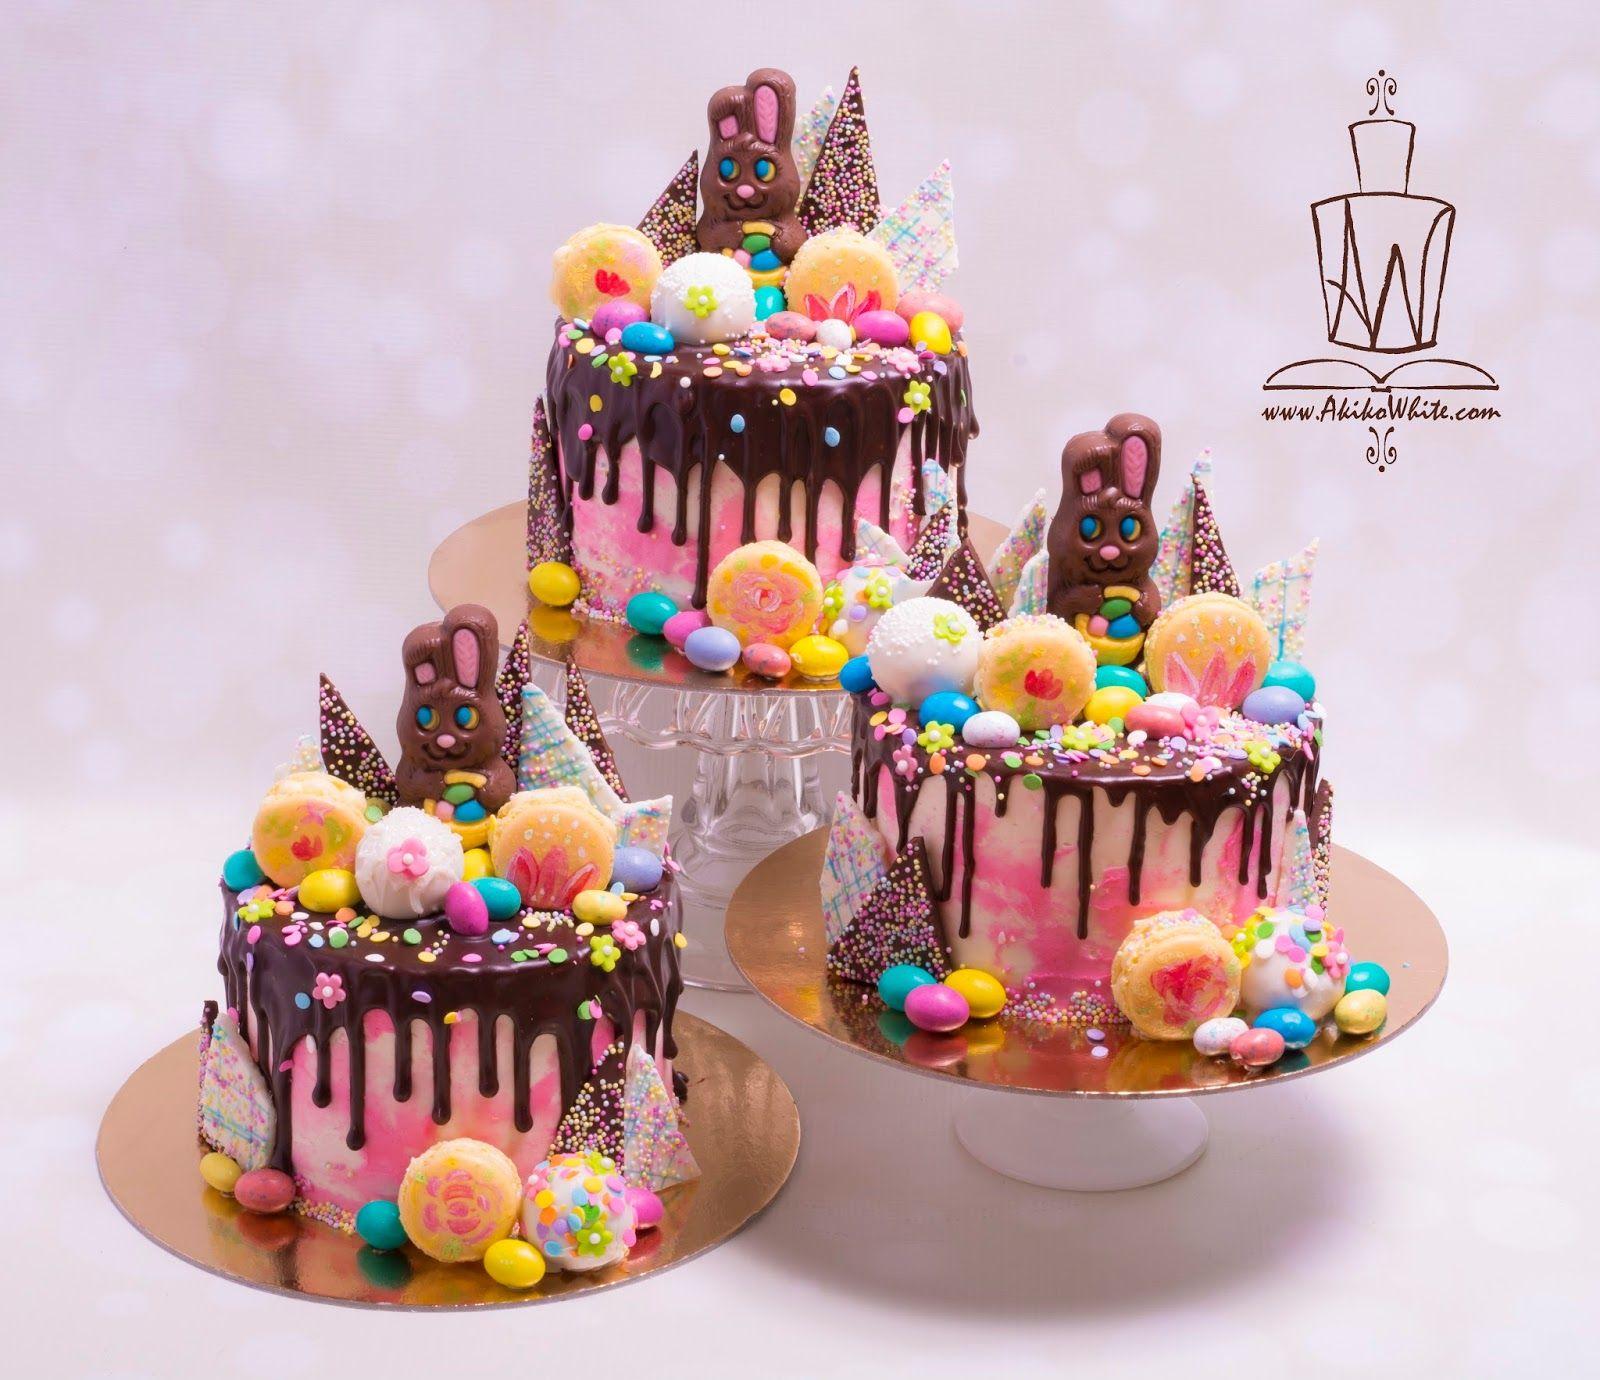 Decorated Mud Cake Birthday